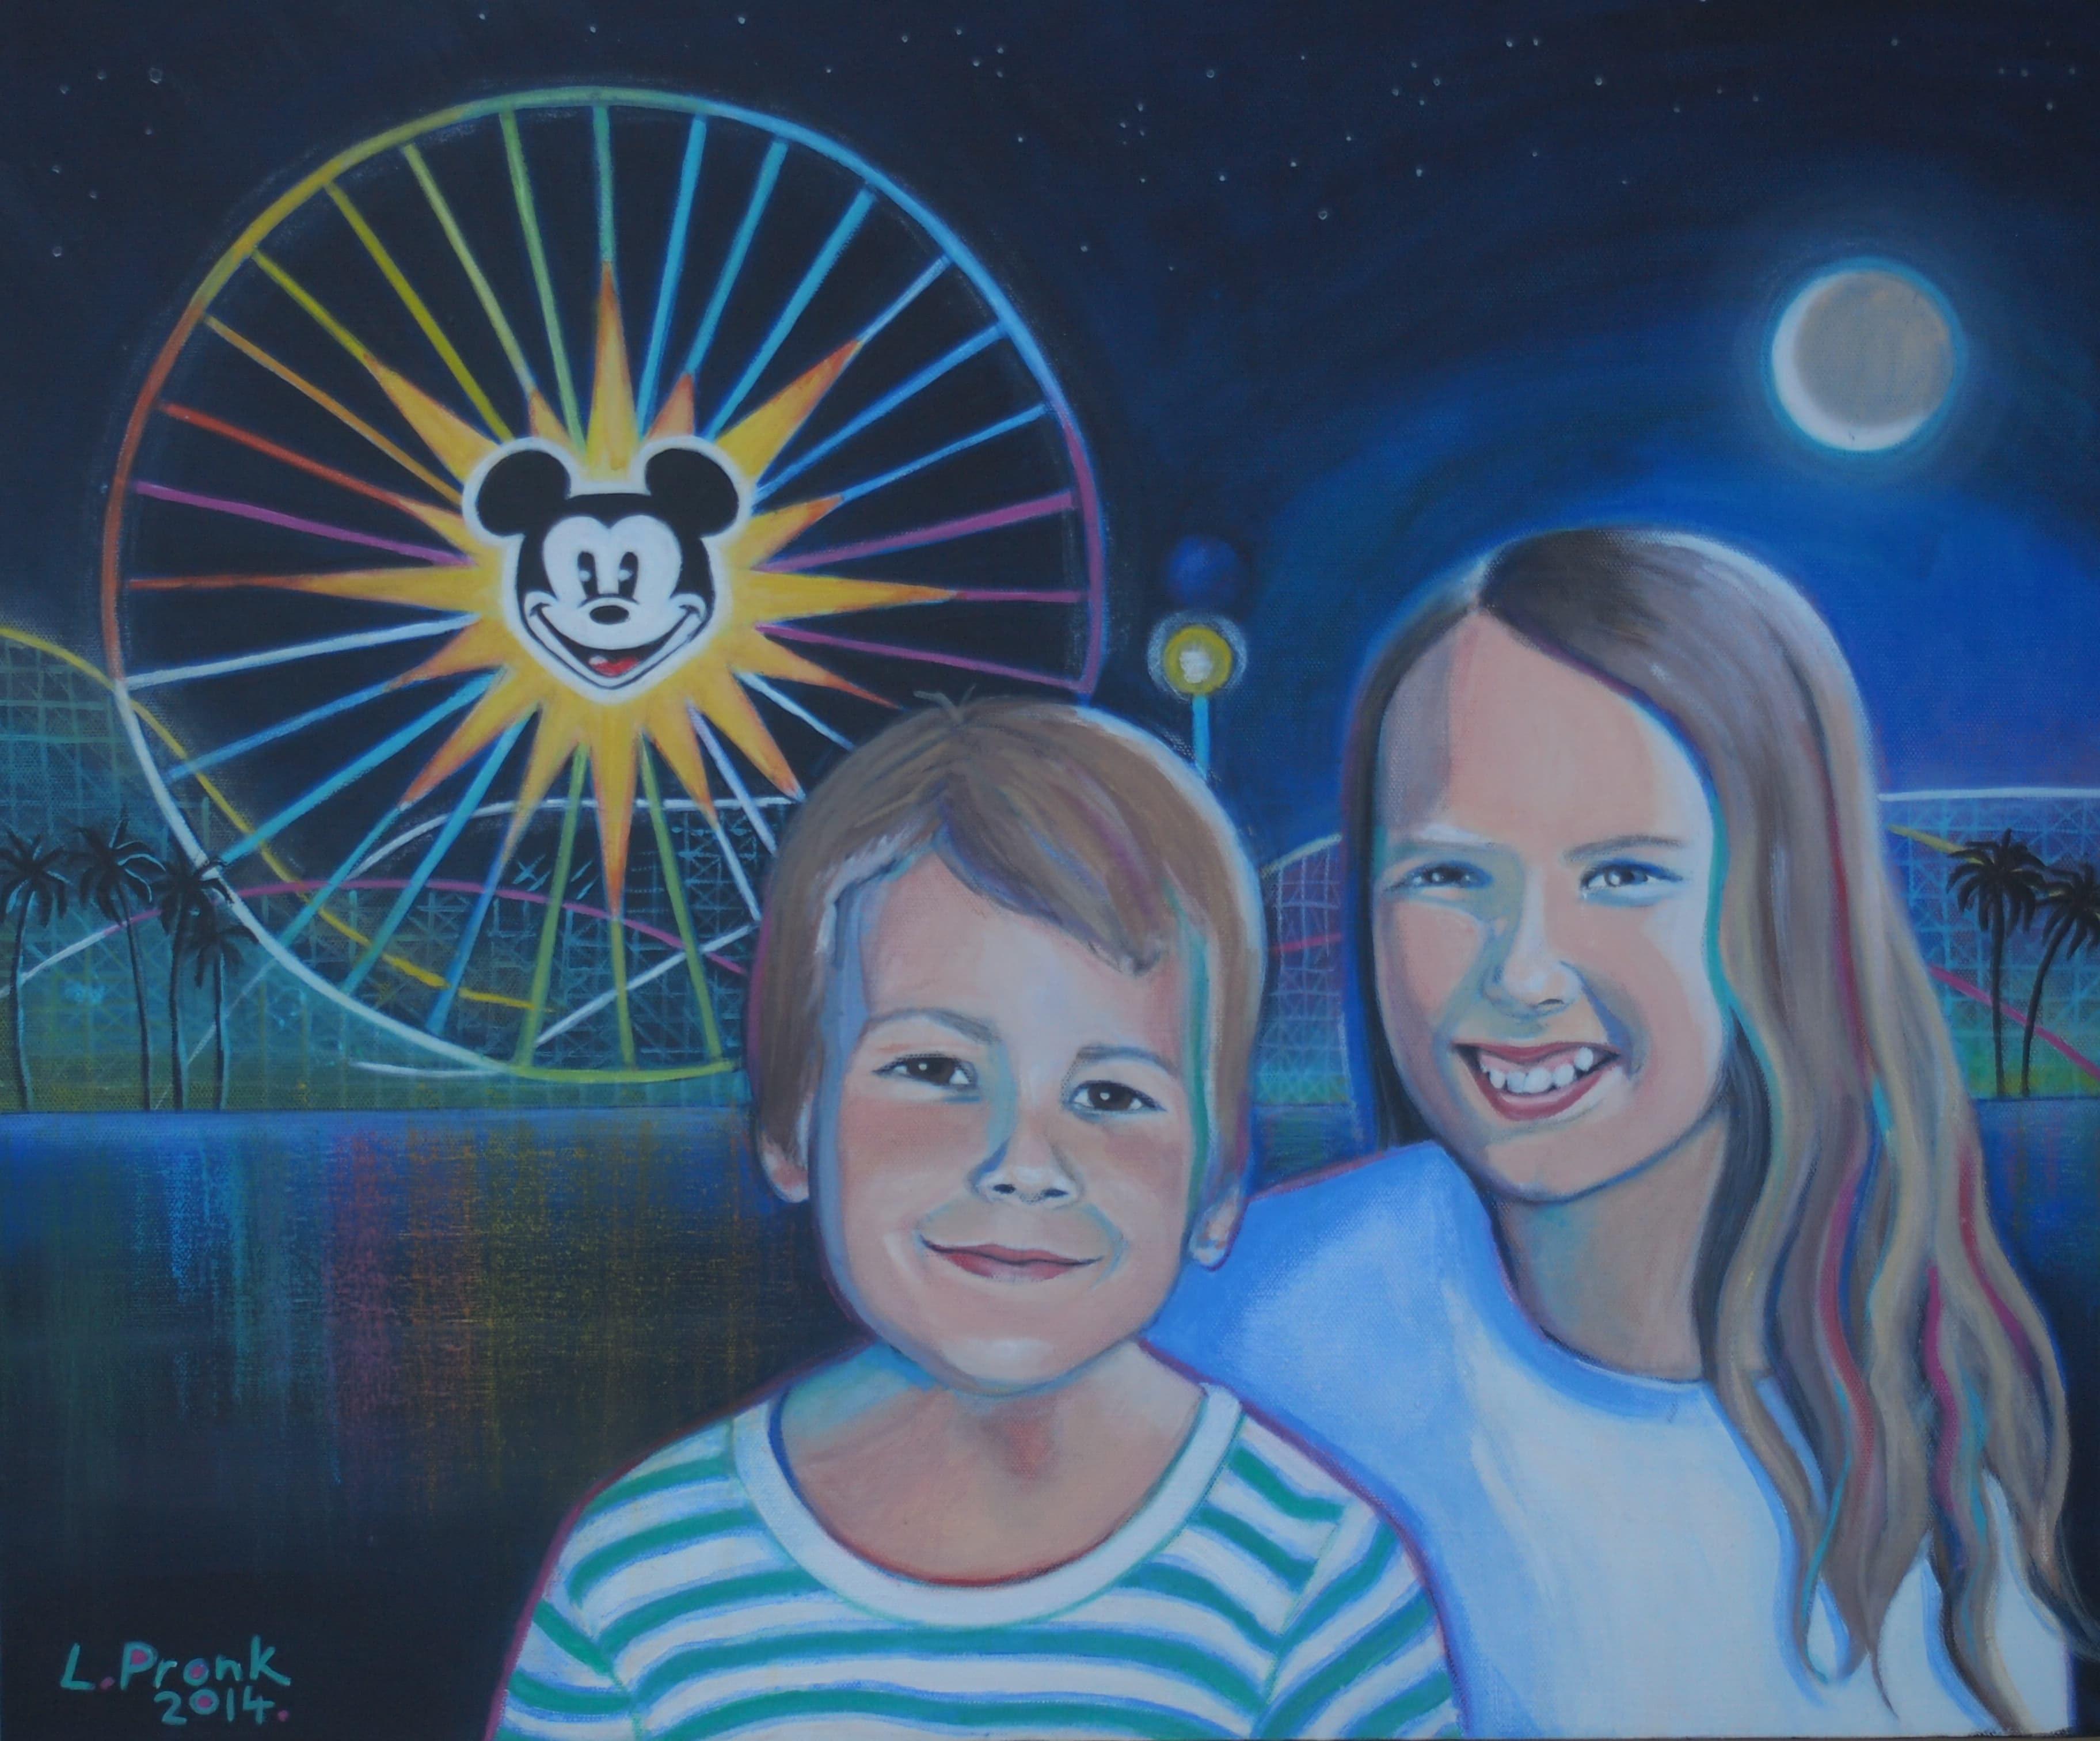 Matty & Erika at Disneyland